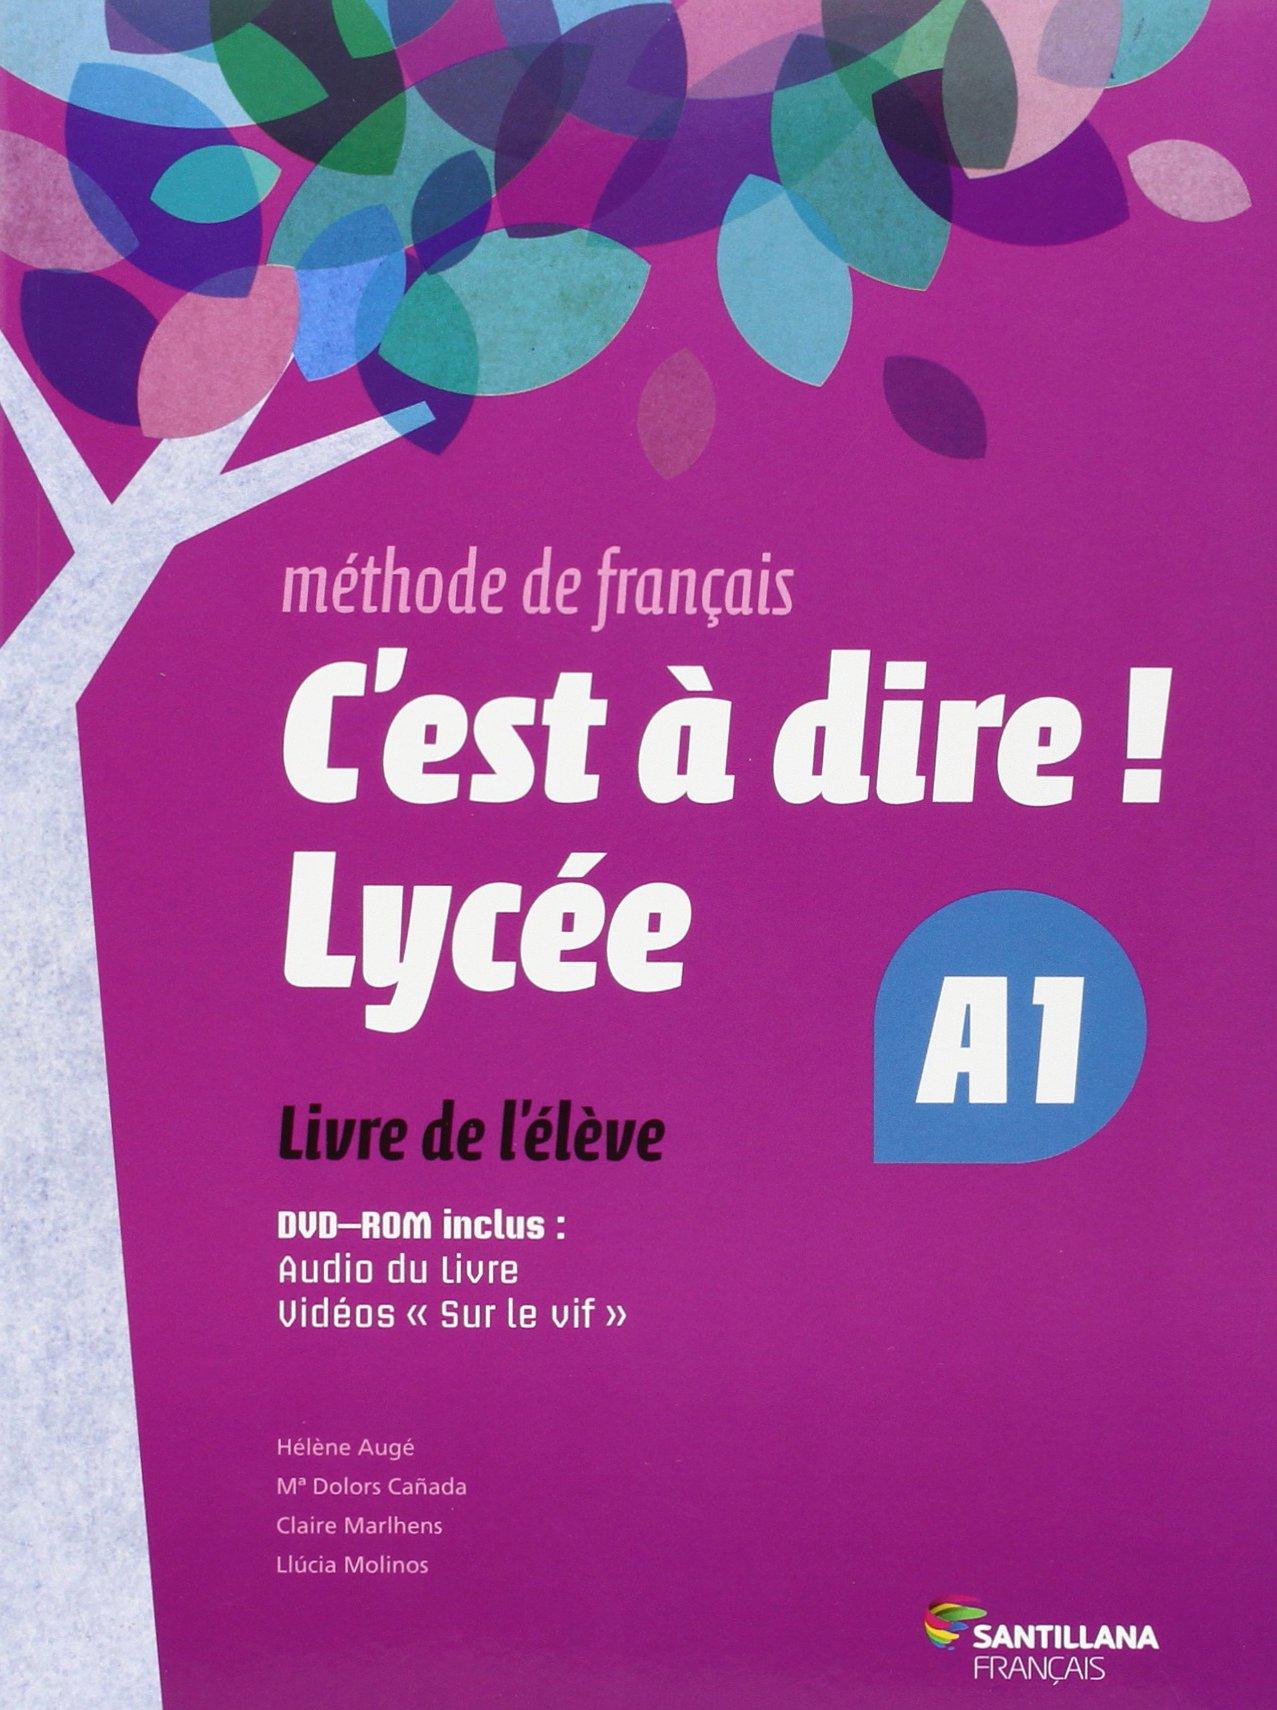 CEST A DIRE LYCEE A1 ELEVE + DVD - 9788492729623: Amazon.es: Aa.Vv.: Libros en idiomas extranjeros